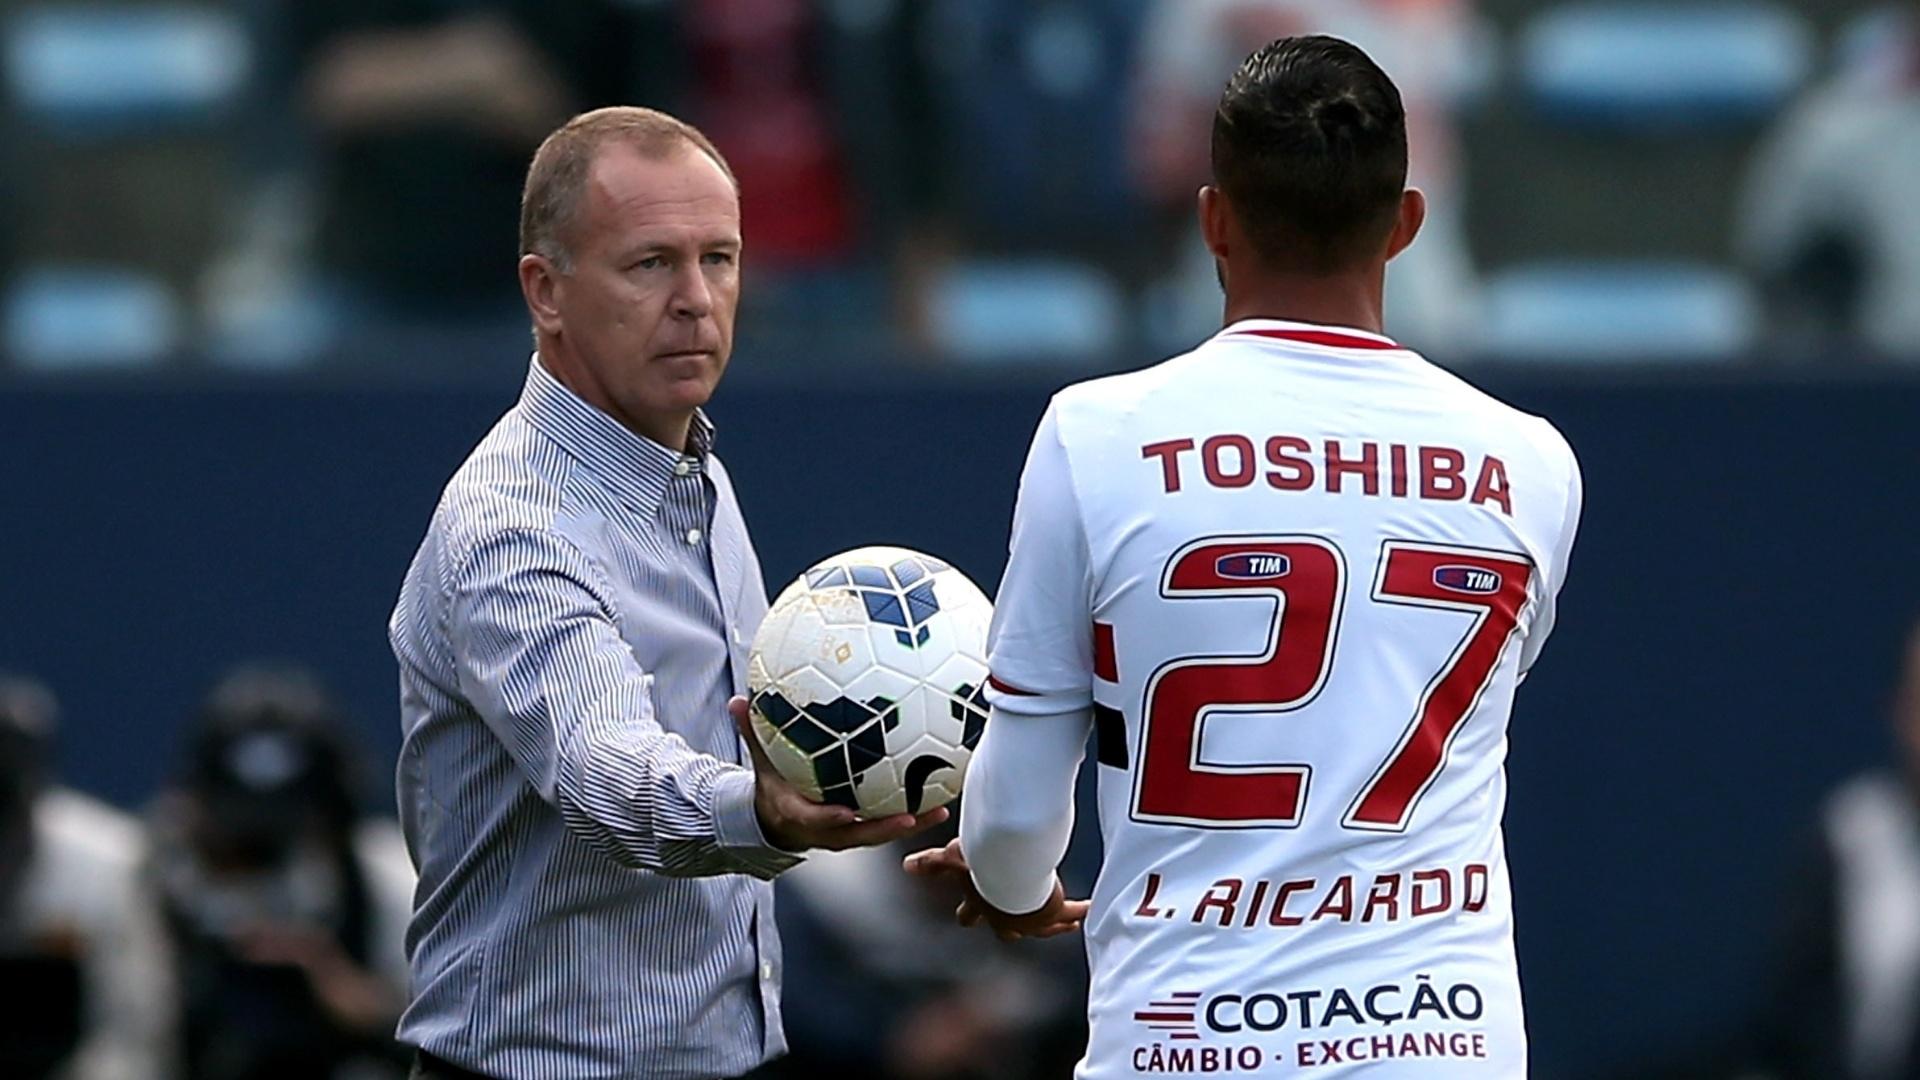 Mano Menezes entrega a bola para o rival Luis Ricardo durante o empate entre São Paulo e Corinthians - 11.05.14